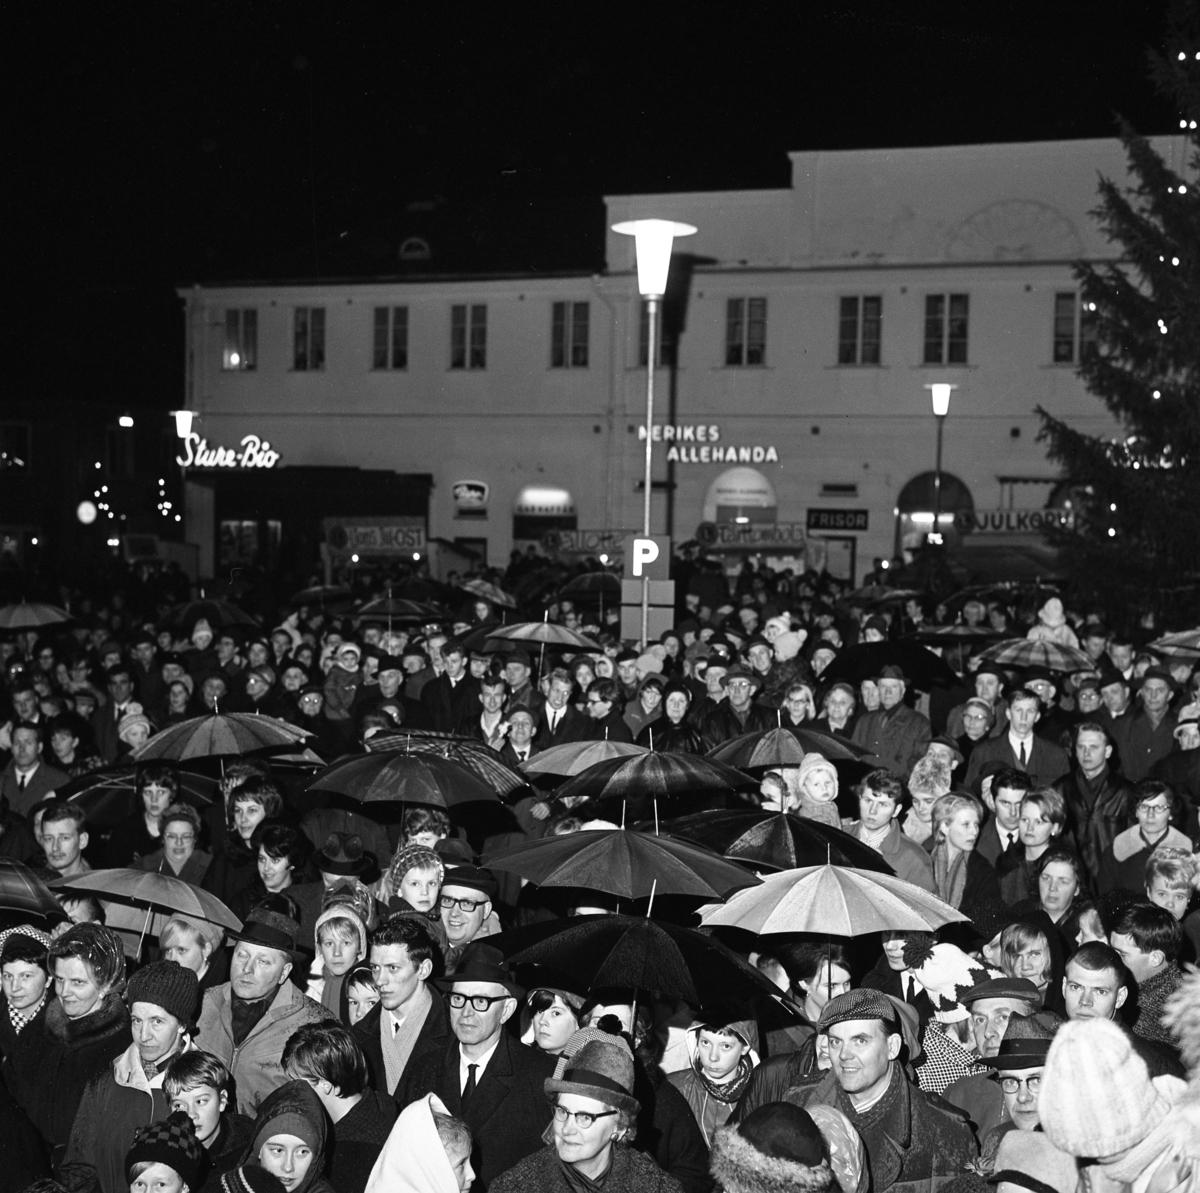 Publiken vid Lucia-kröningen på Stora torget. Många har paraply. Scenen står framför rådhuset. Skyltarna för Sture-Bio, Nerikes Allehanda och Frisör syns i bakgrunden.